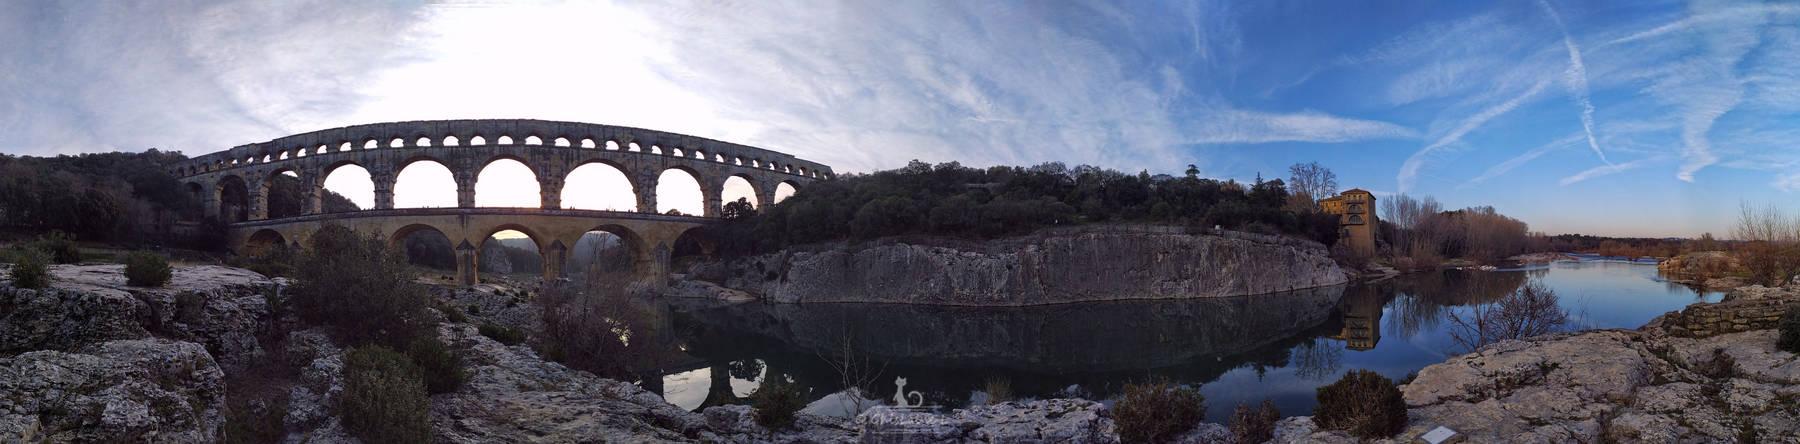 Pont du Gard  (Panorama)